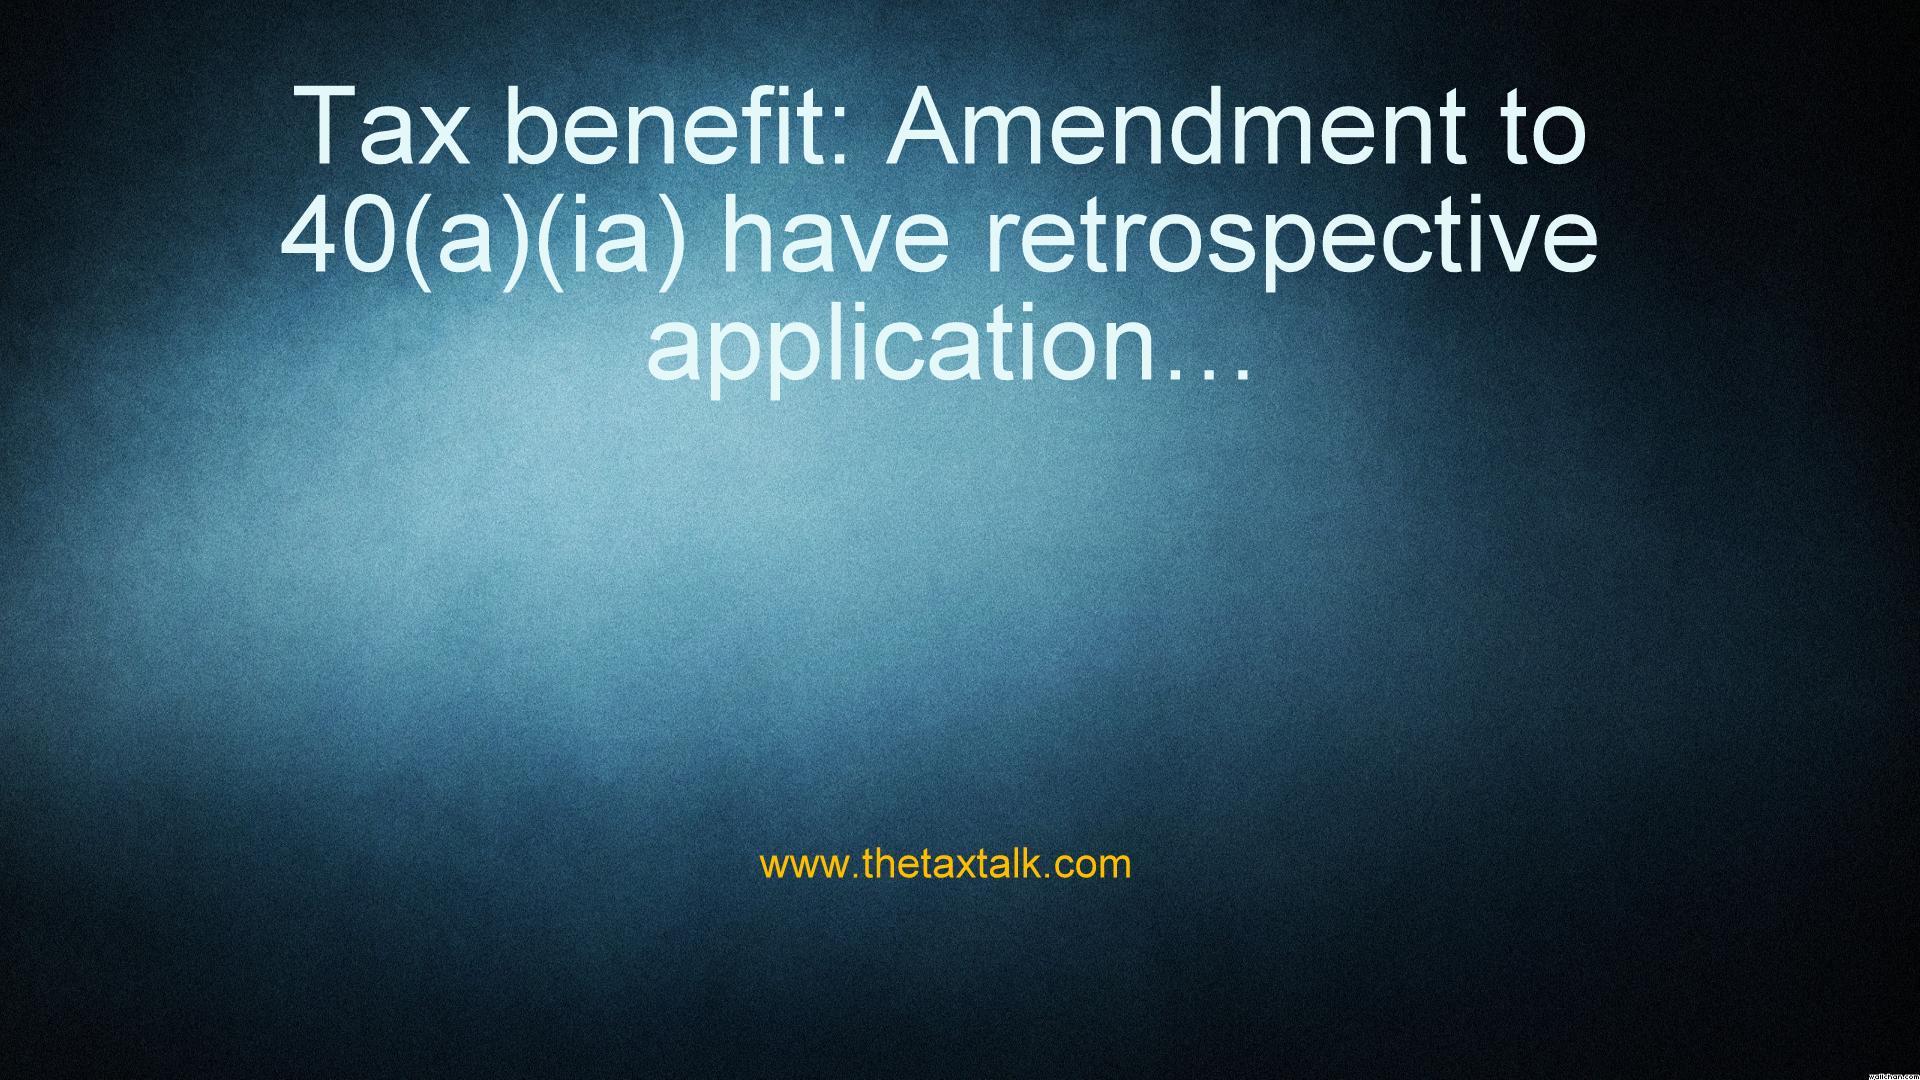 Tax benefit: Amendment to 40(a)(ia) have retrospective application…